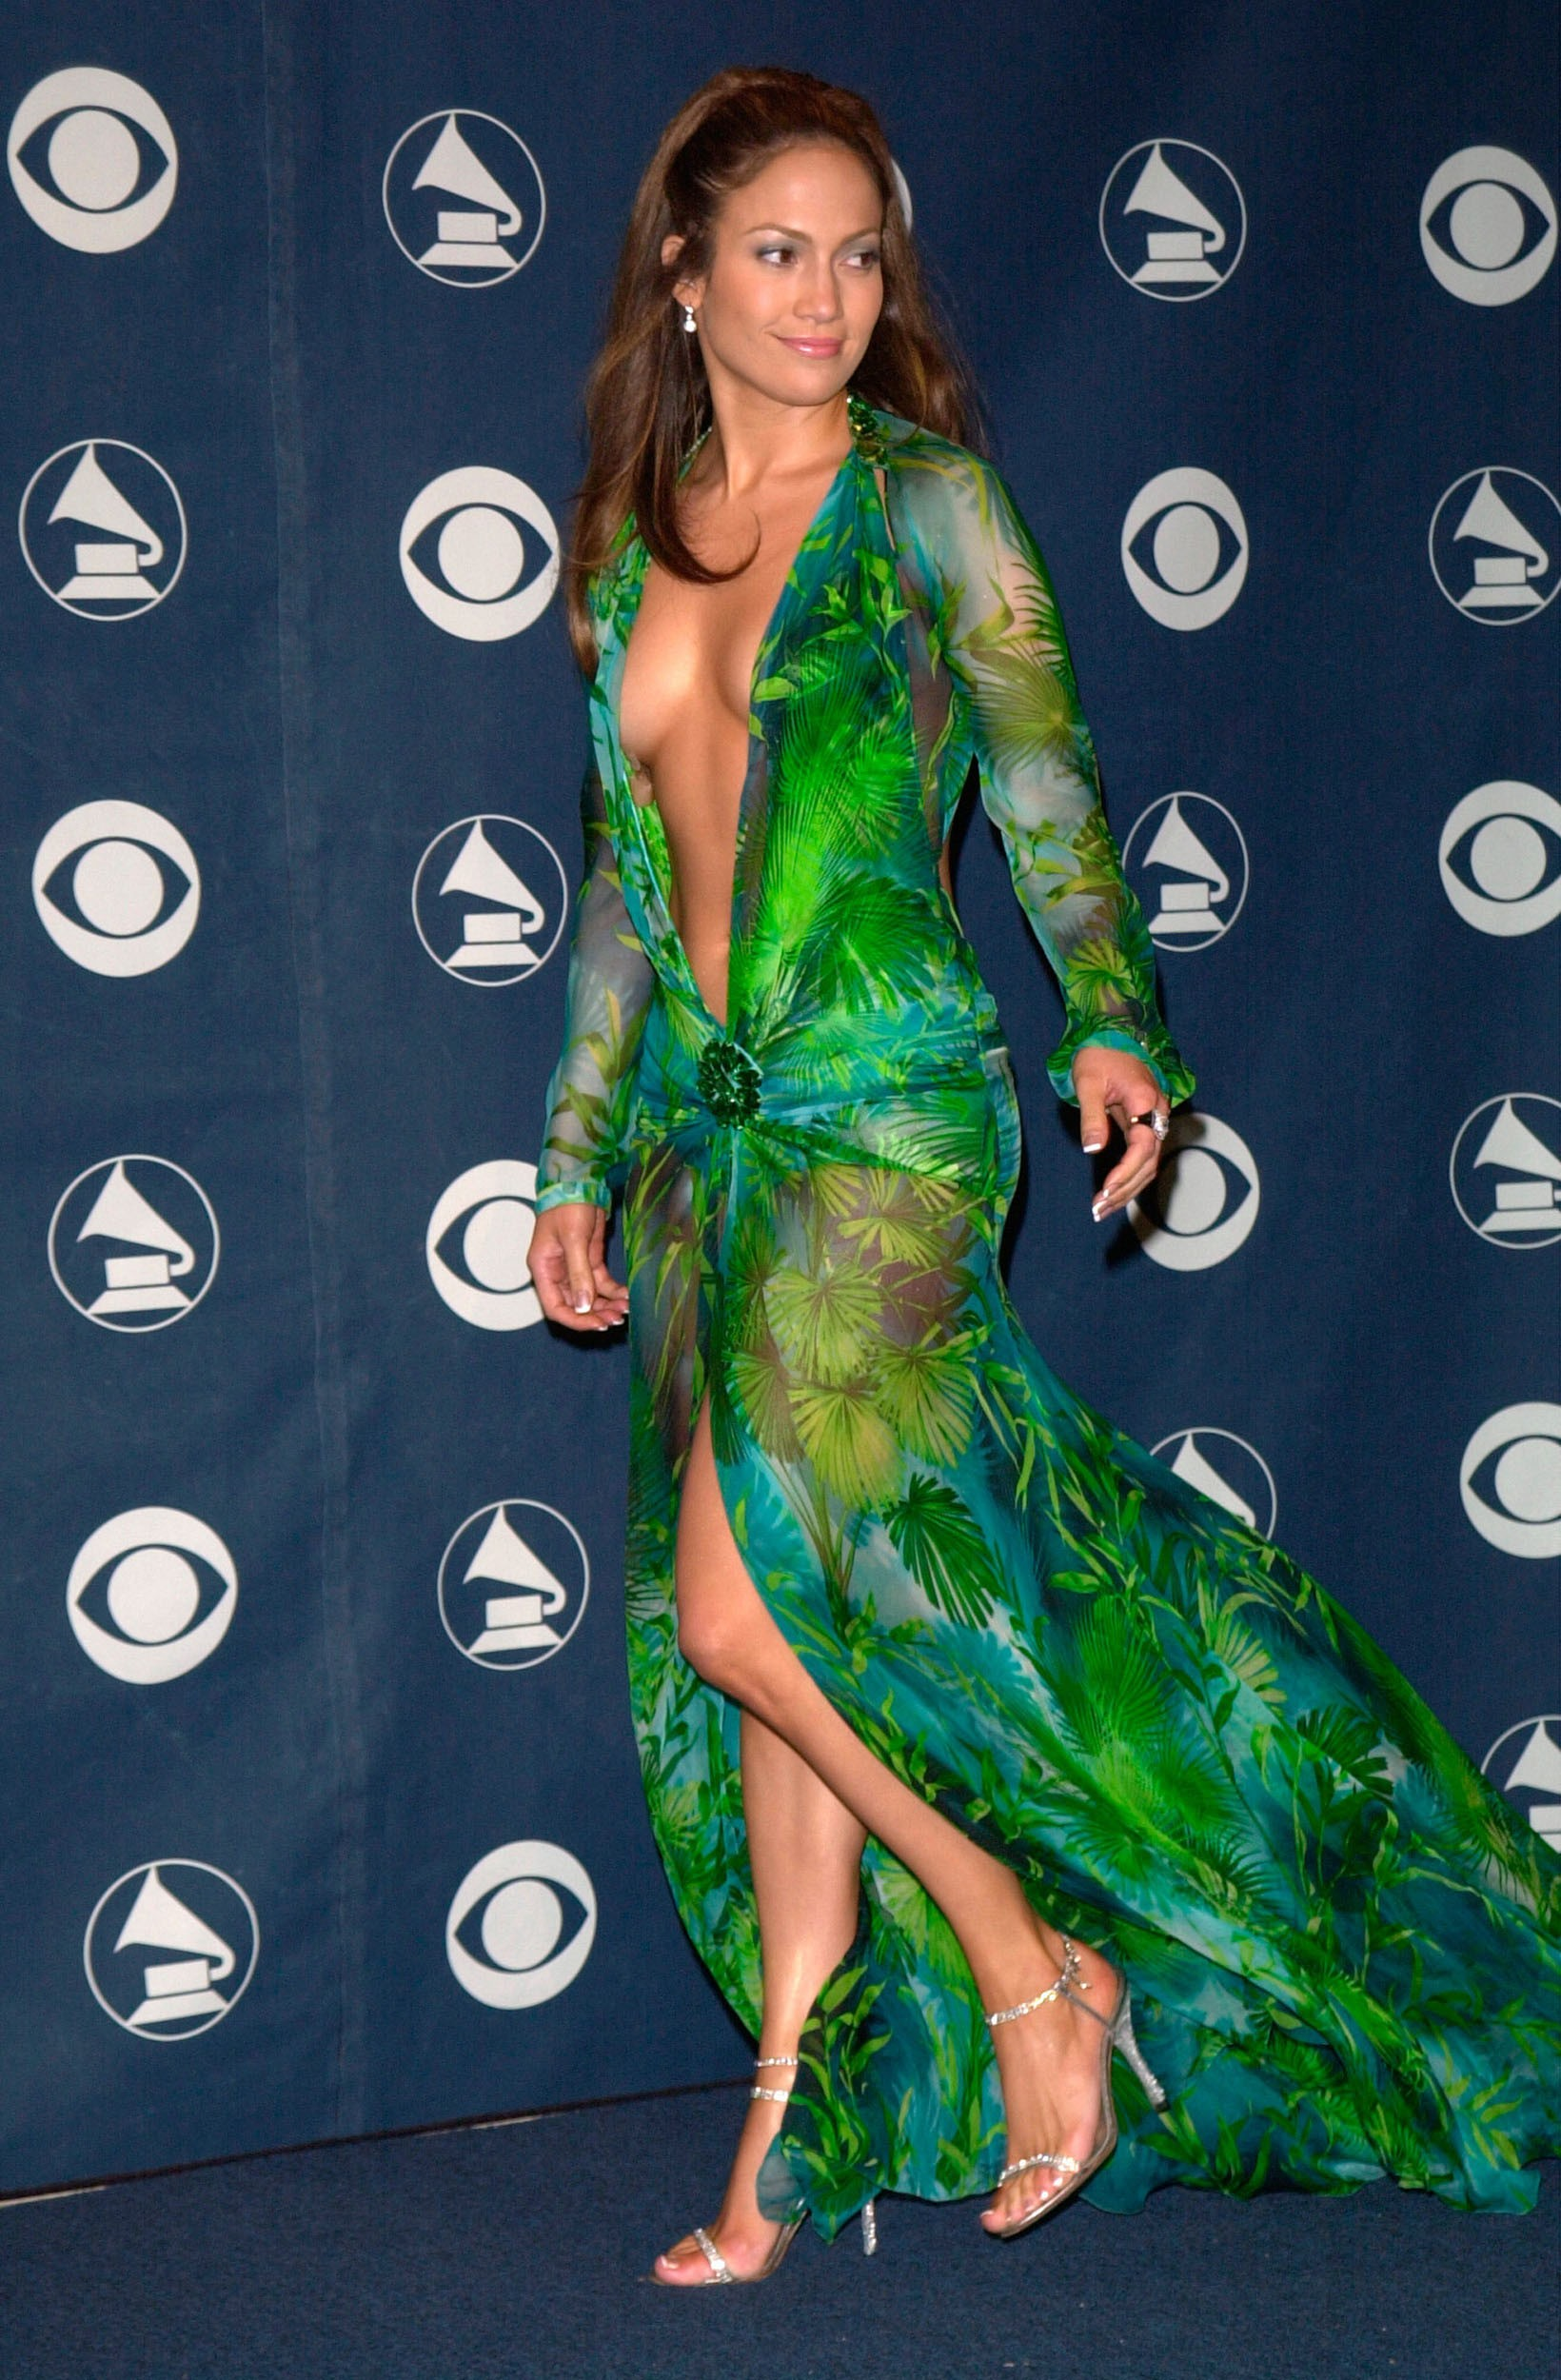 Green versace dress